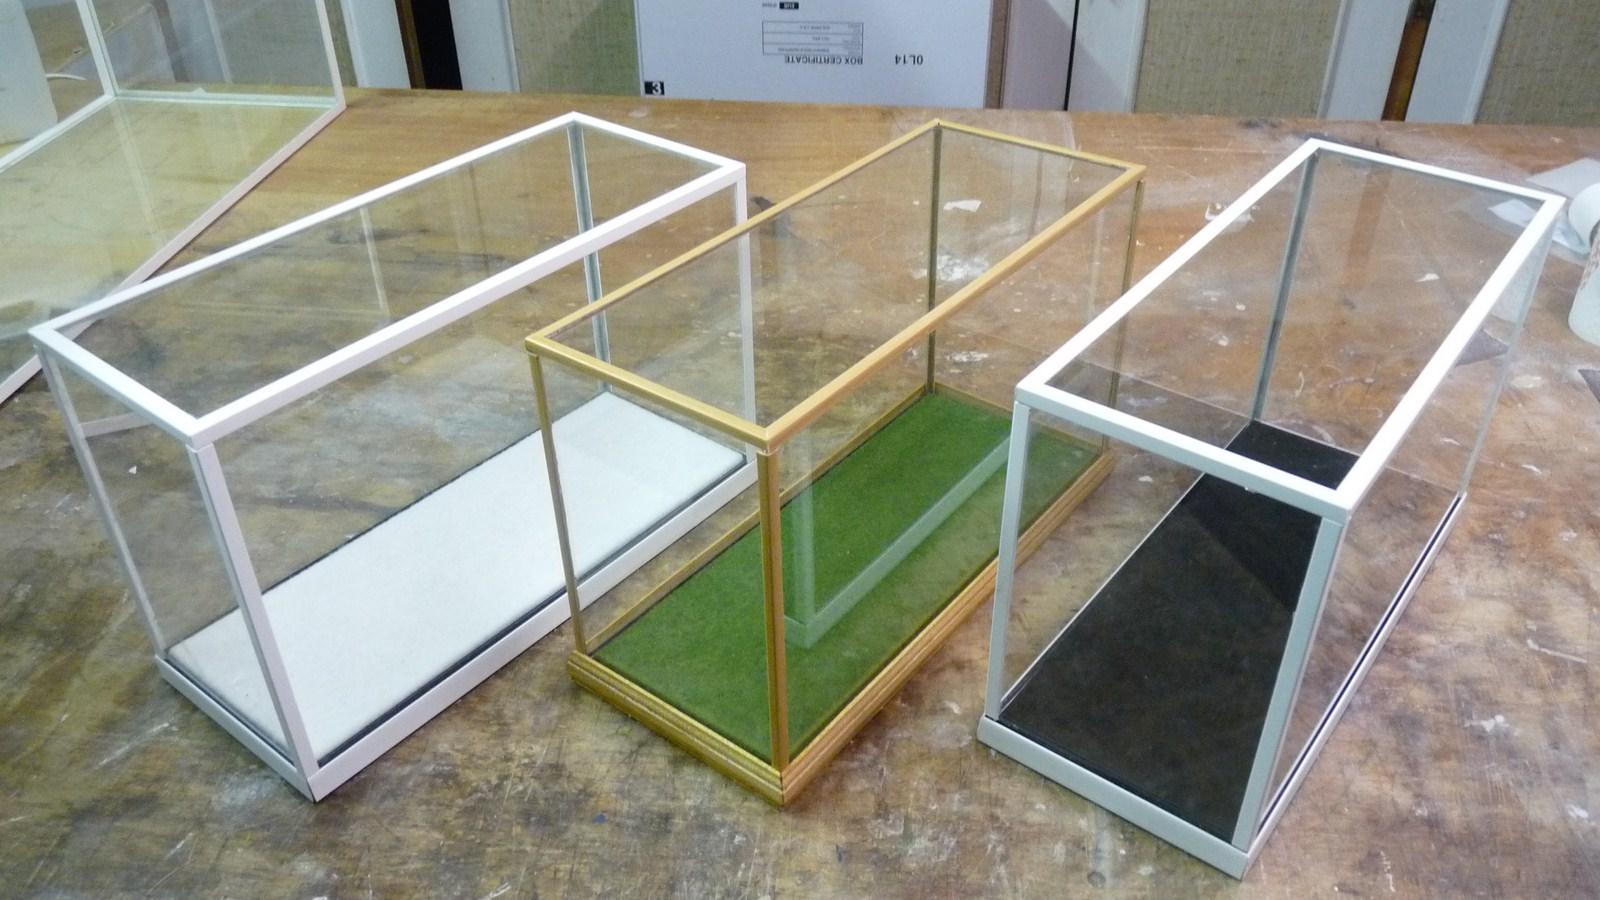 fabriquer une vitrine - Fabriquer ses propres vitrines en verre 17071907271723134915156560